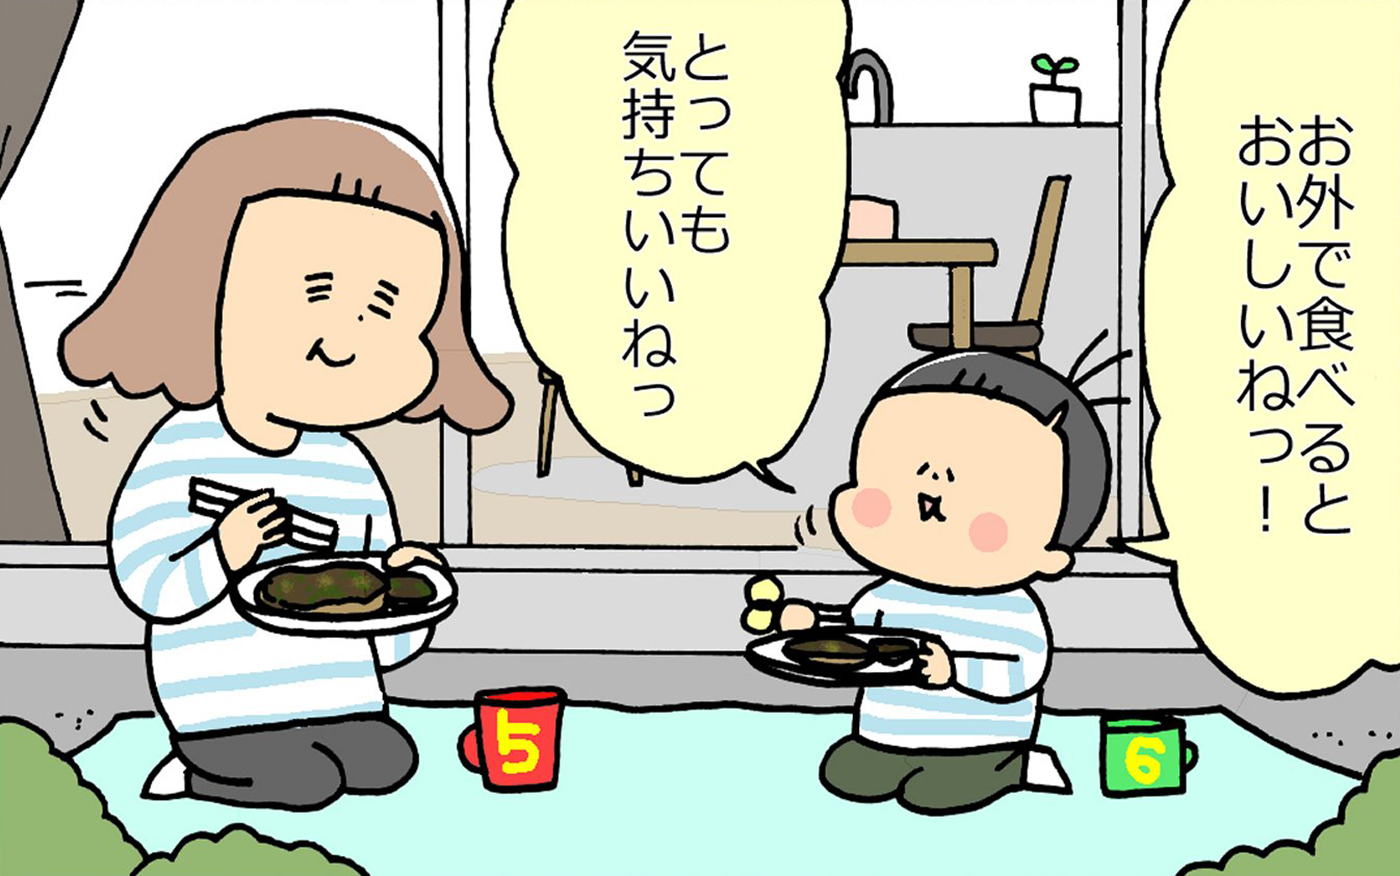 自粛生活の気分転換に…息子とのお庭ピクニックでまさかのハプニング!?